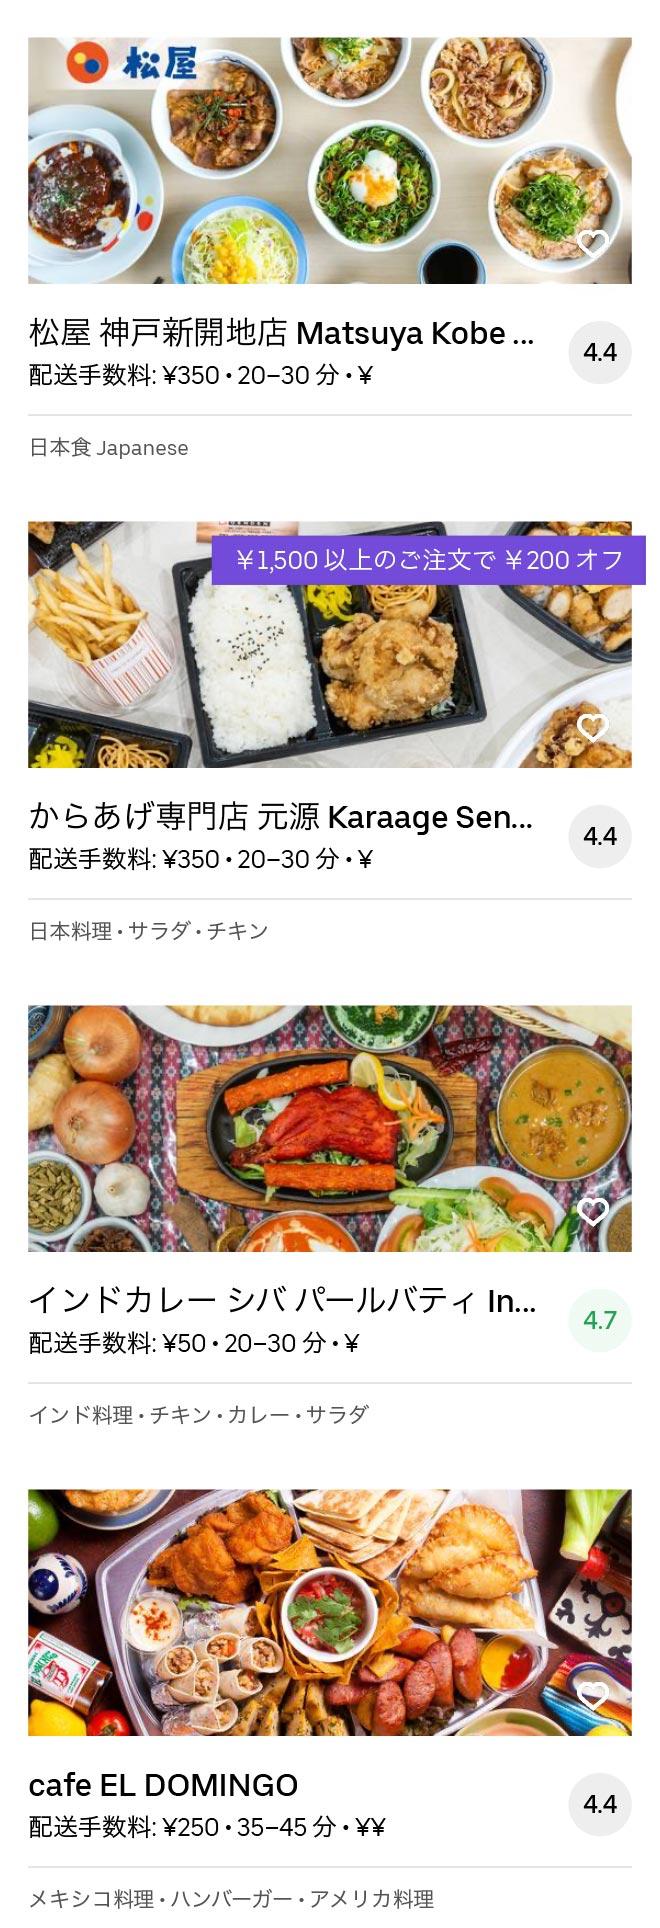 Kobe shin nagata menu 2005 11